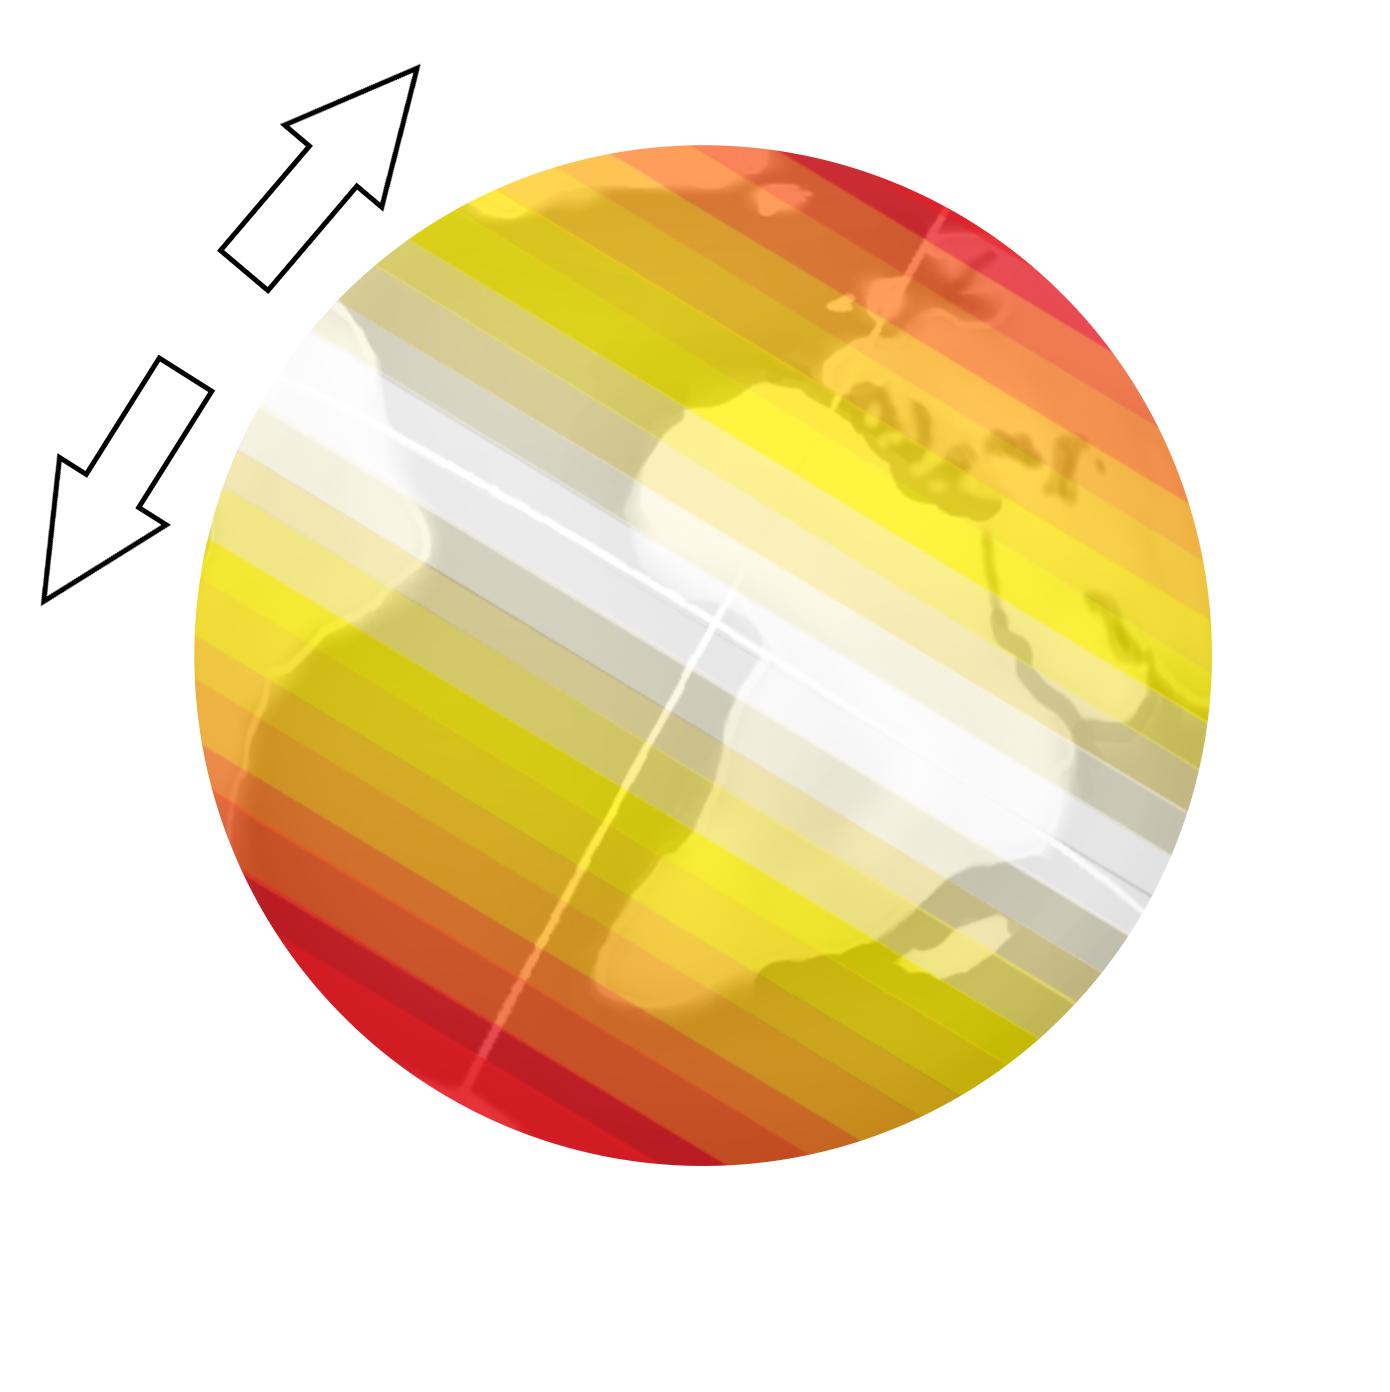 Stärke der Corioliskraft